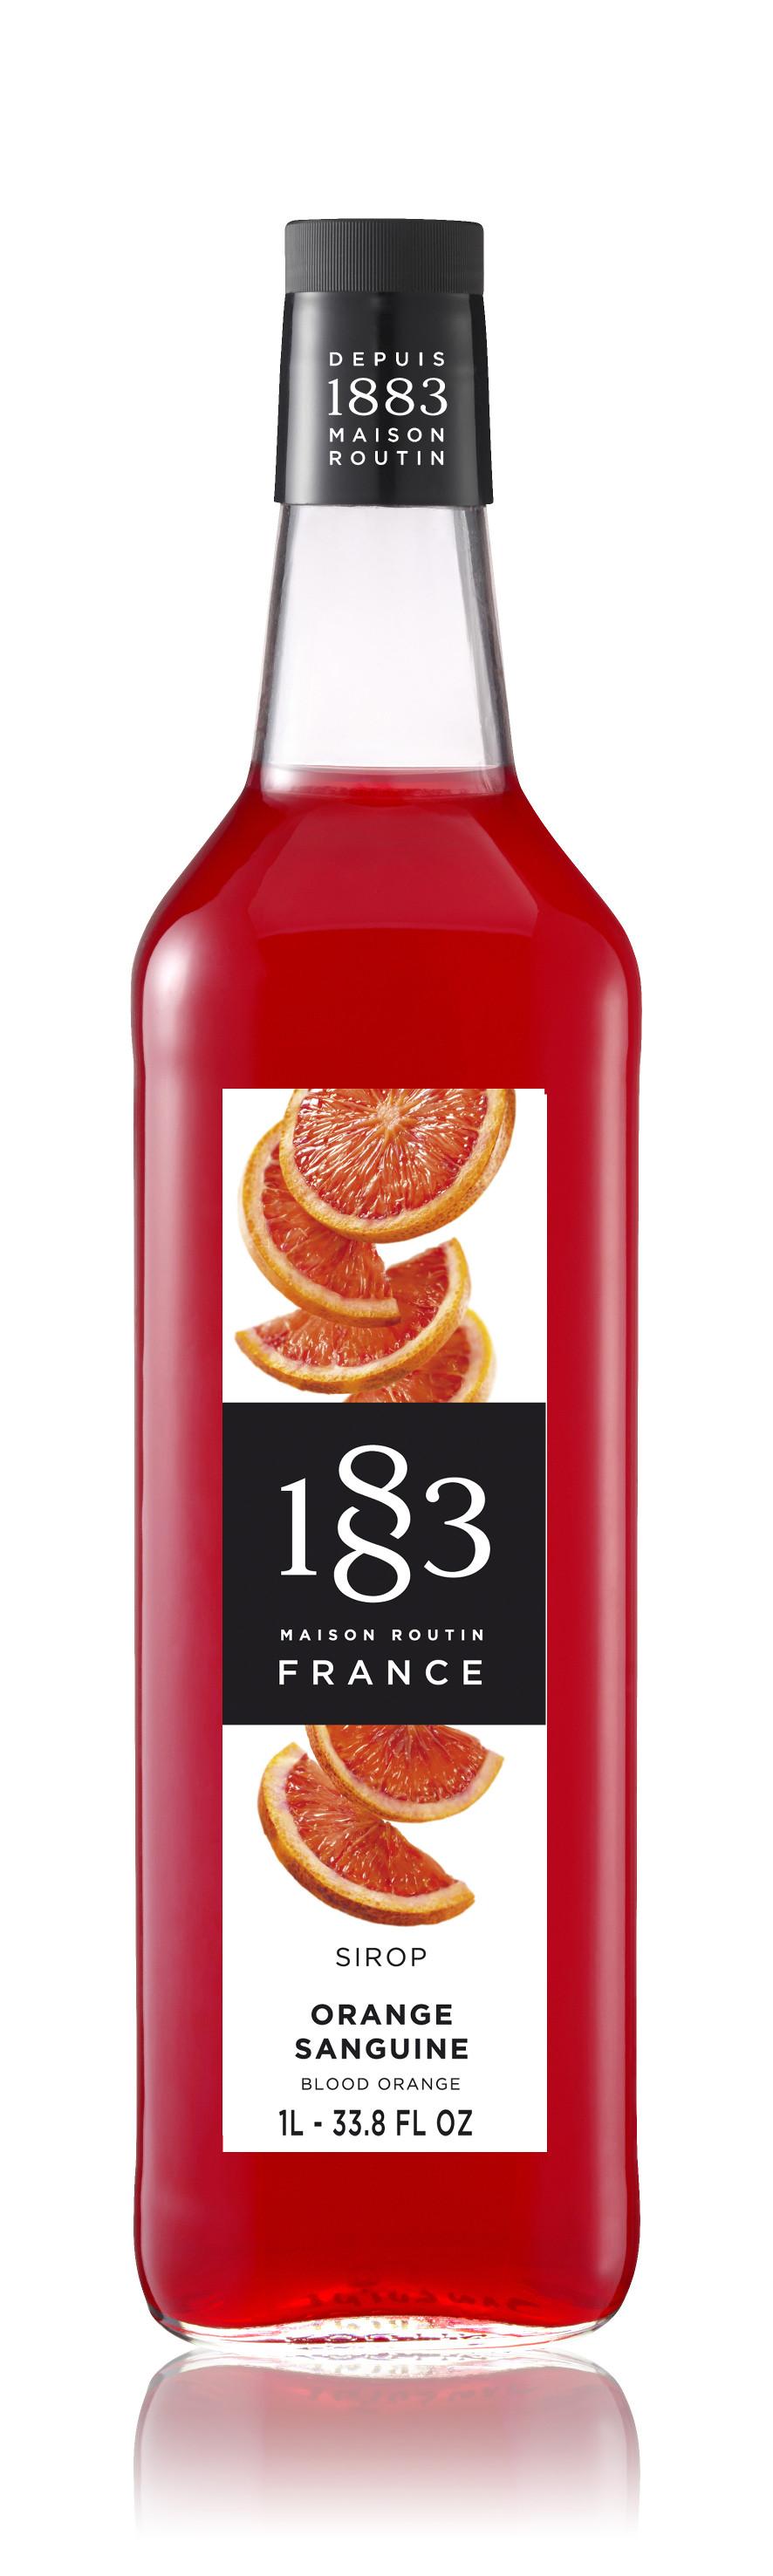 1883 Syrup Blood Orange 1L Glass Bottle